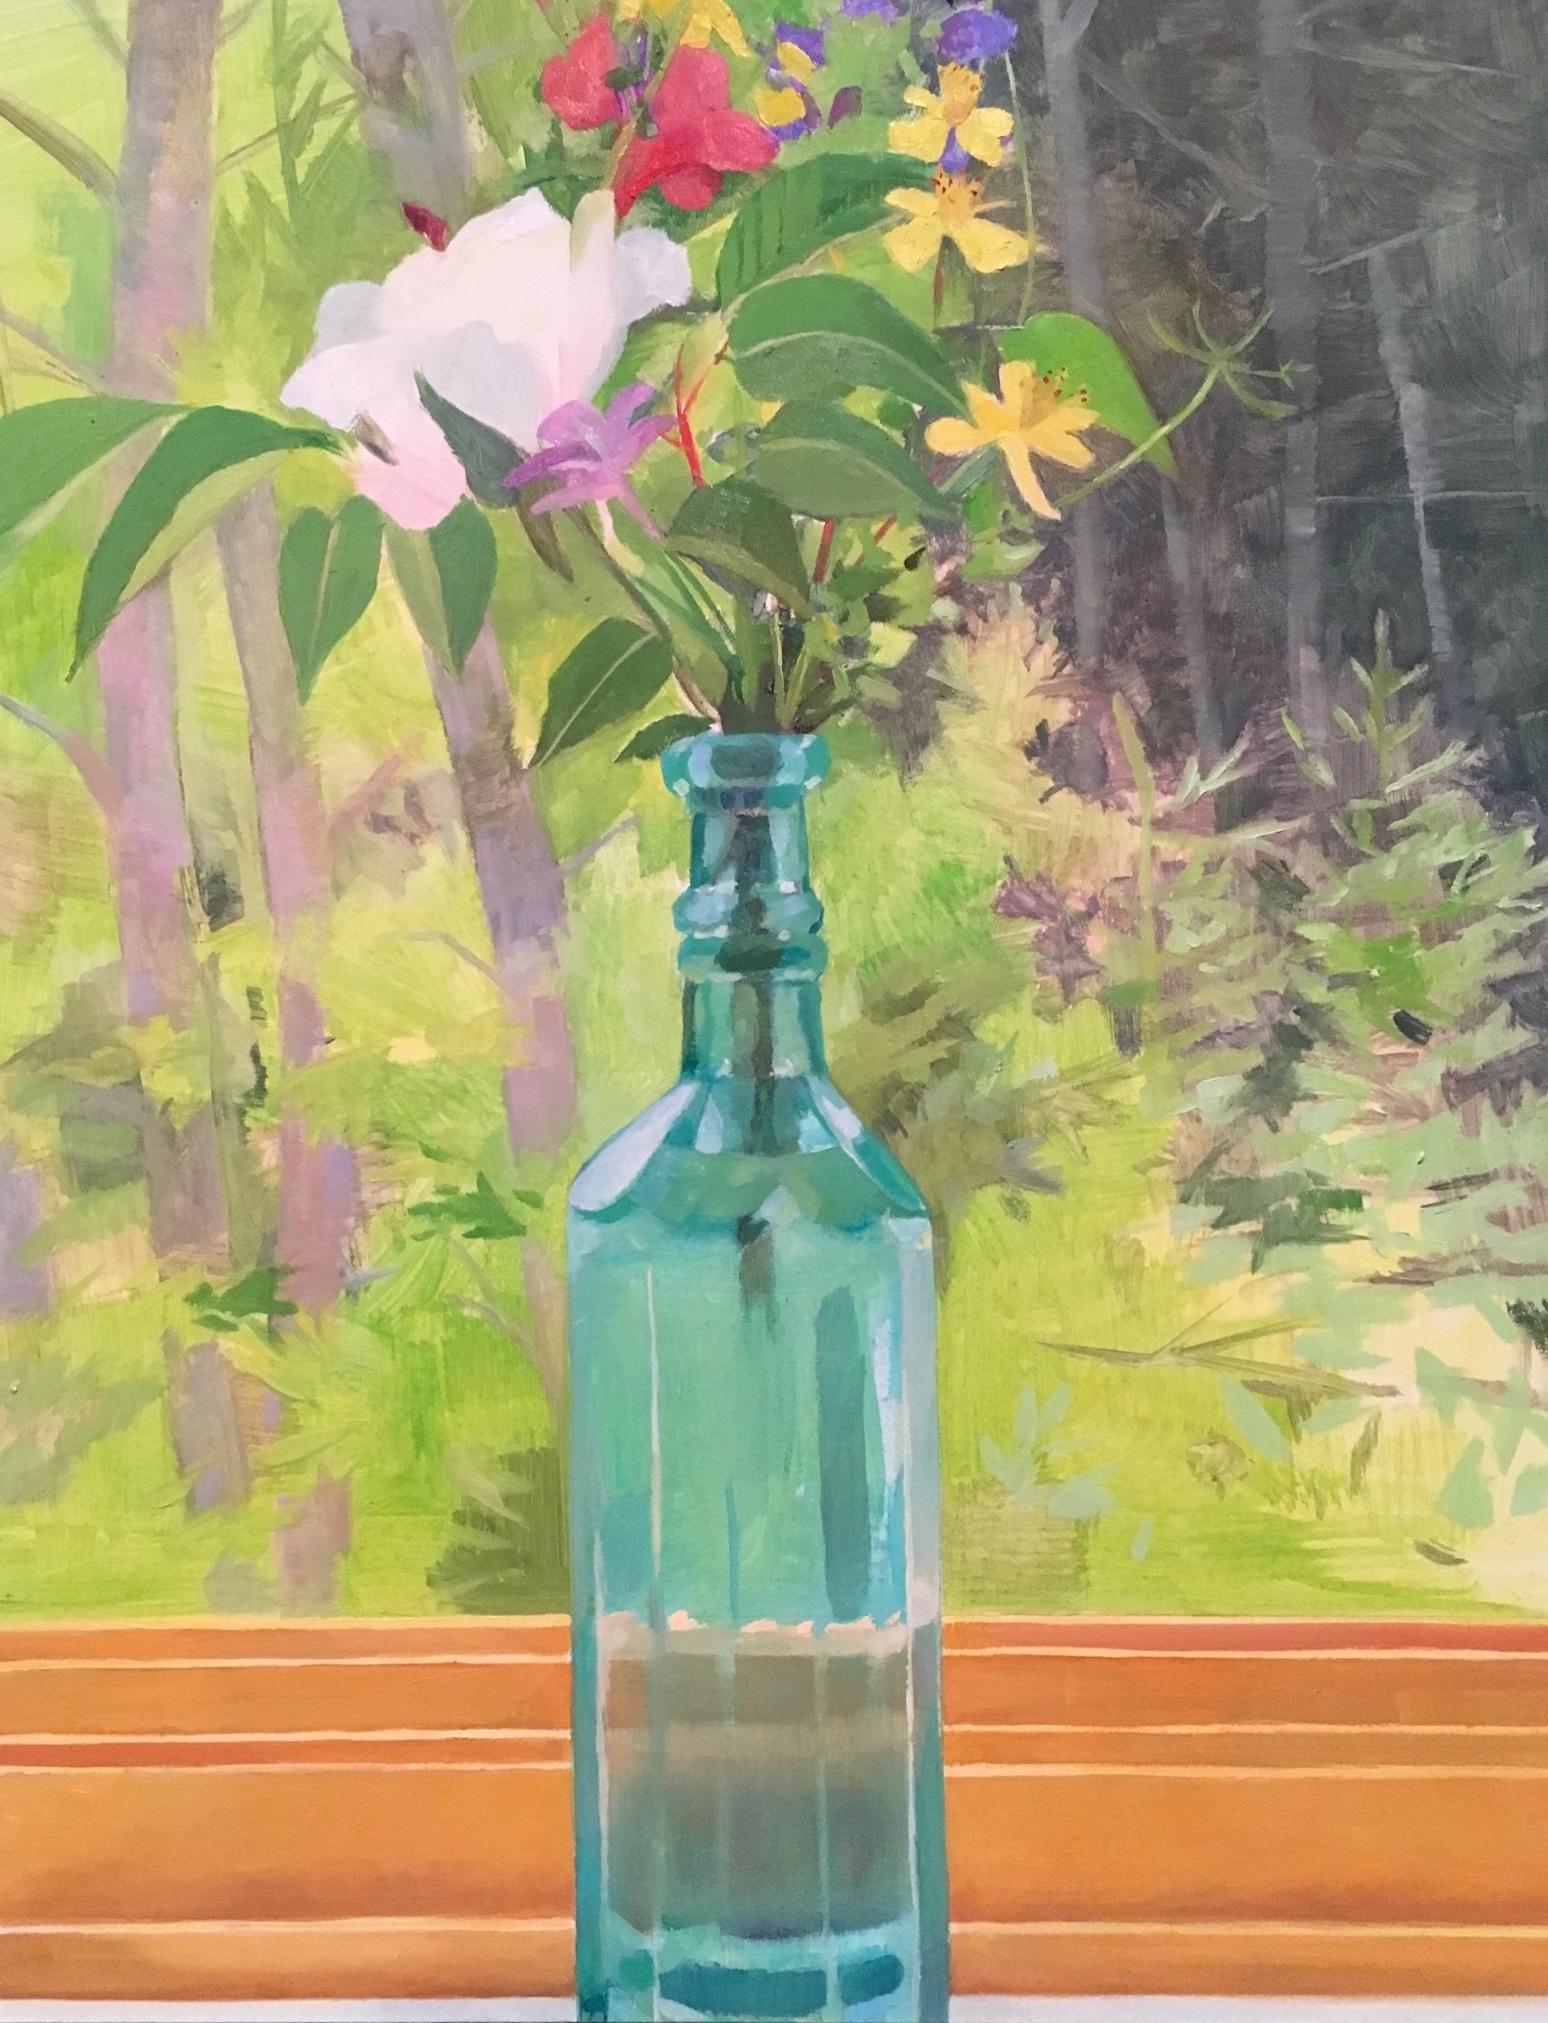 Flowers in a Blue-Green Bottle